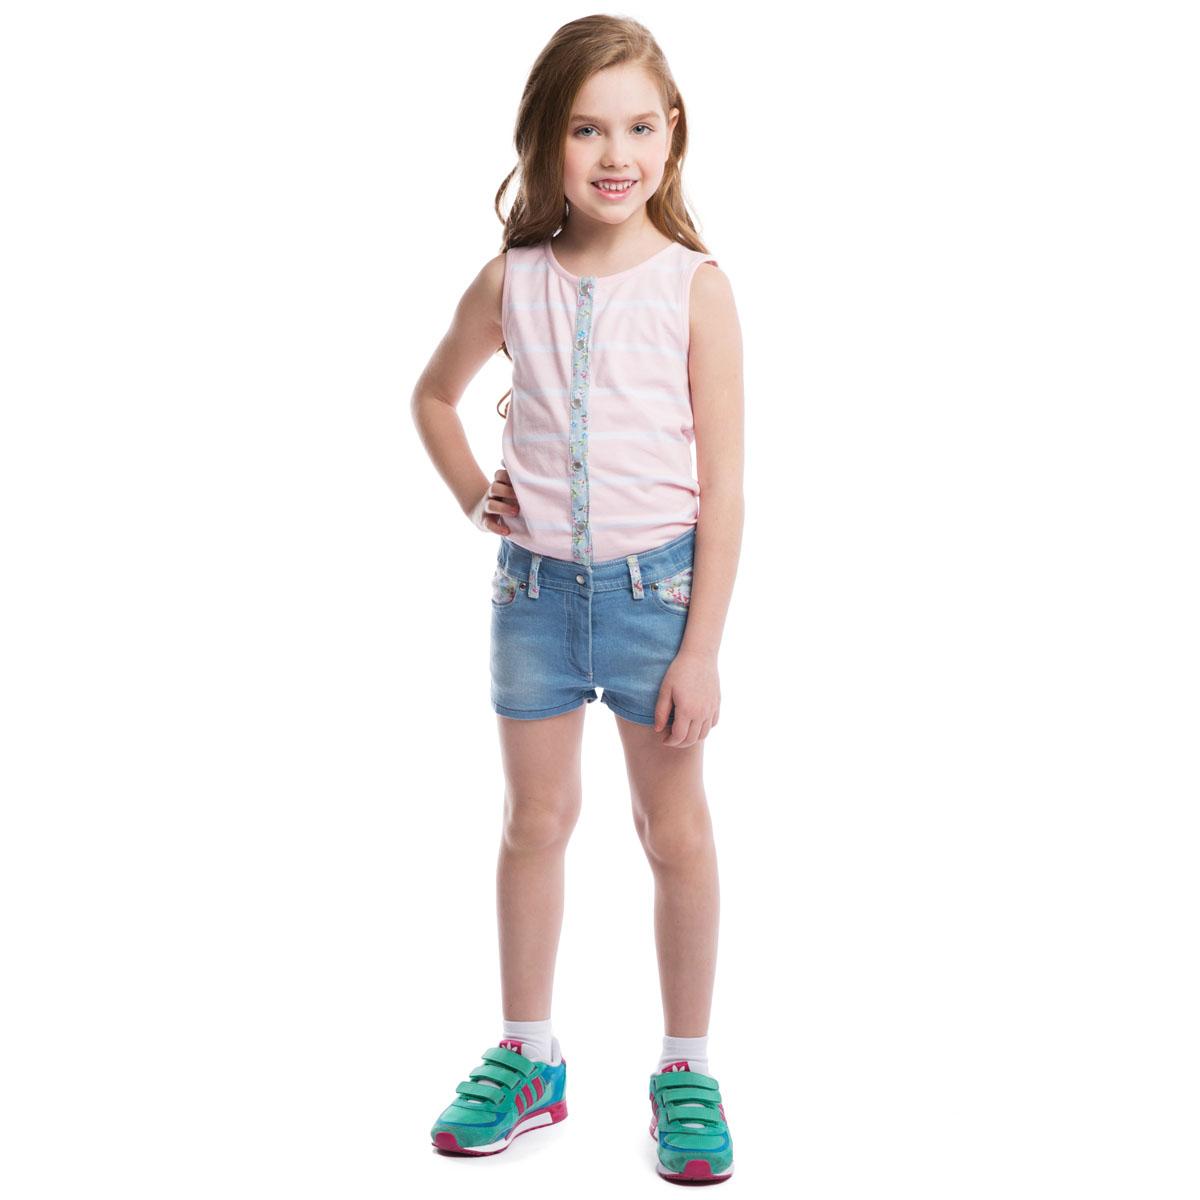 Полукомбинезон262002Стильный полукомбинезон для девочки PlayToday, выполненный в виде майки с джинсовыми шортиками идеально подойдет вашей малышке и станет отличным дополнением к детскому гардеробу. Изготовленный из эластичного хлопка, он необычайно мягкий и приятный на ощупь, не сковывает движения малышки и позволяет коже дышать, не раздражает нежную кожу ребенка, обеспечивая ему наибольший комфорт. Летний полукомбинезон с высокой грудкой без рукавов и с круглым вырезом горловины застегивается на кнопки, шортики имеют ширинку-молнию, благодаря чему он надежно и удобно сидит, что делает его идеальным для активных игр дома и на свежем воздухе. Имеются шлевки для ремня. Спереди он дополнен двумя втачными кармашками, а сзади - двумя накладными карманами, украшенными фигурными прострочками. В таком полукомбинезоне ваша маленькая принцесса будет чувствовать себя комфортно, уютно и всегда будет в центре внимания!